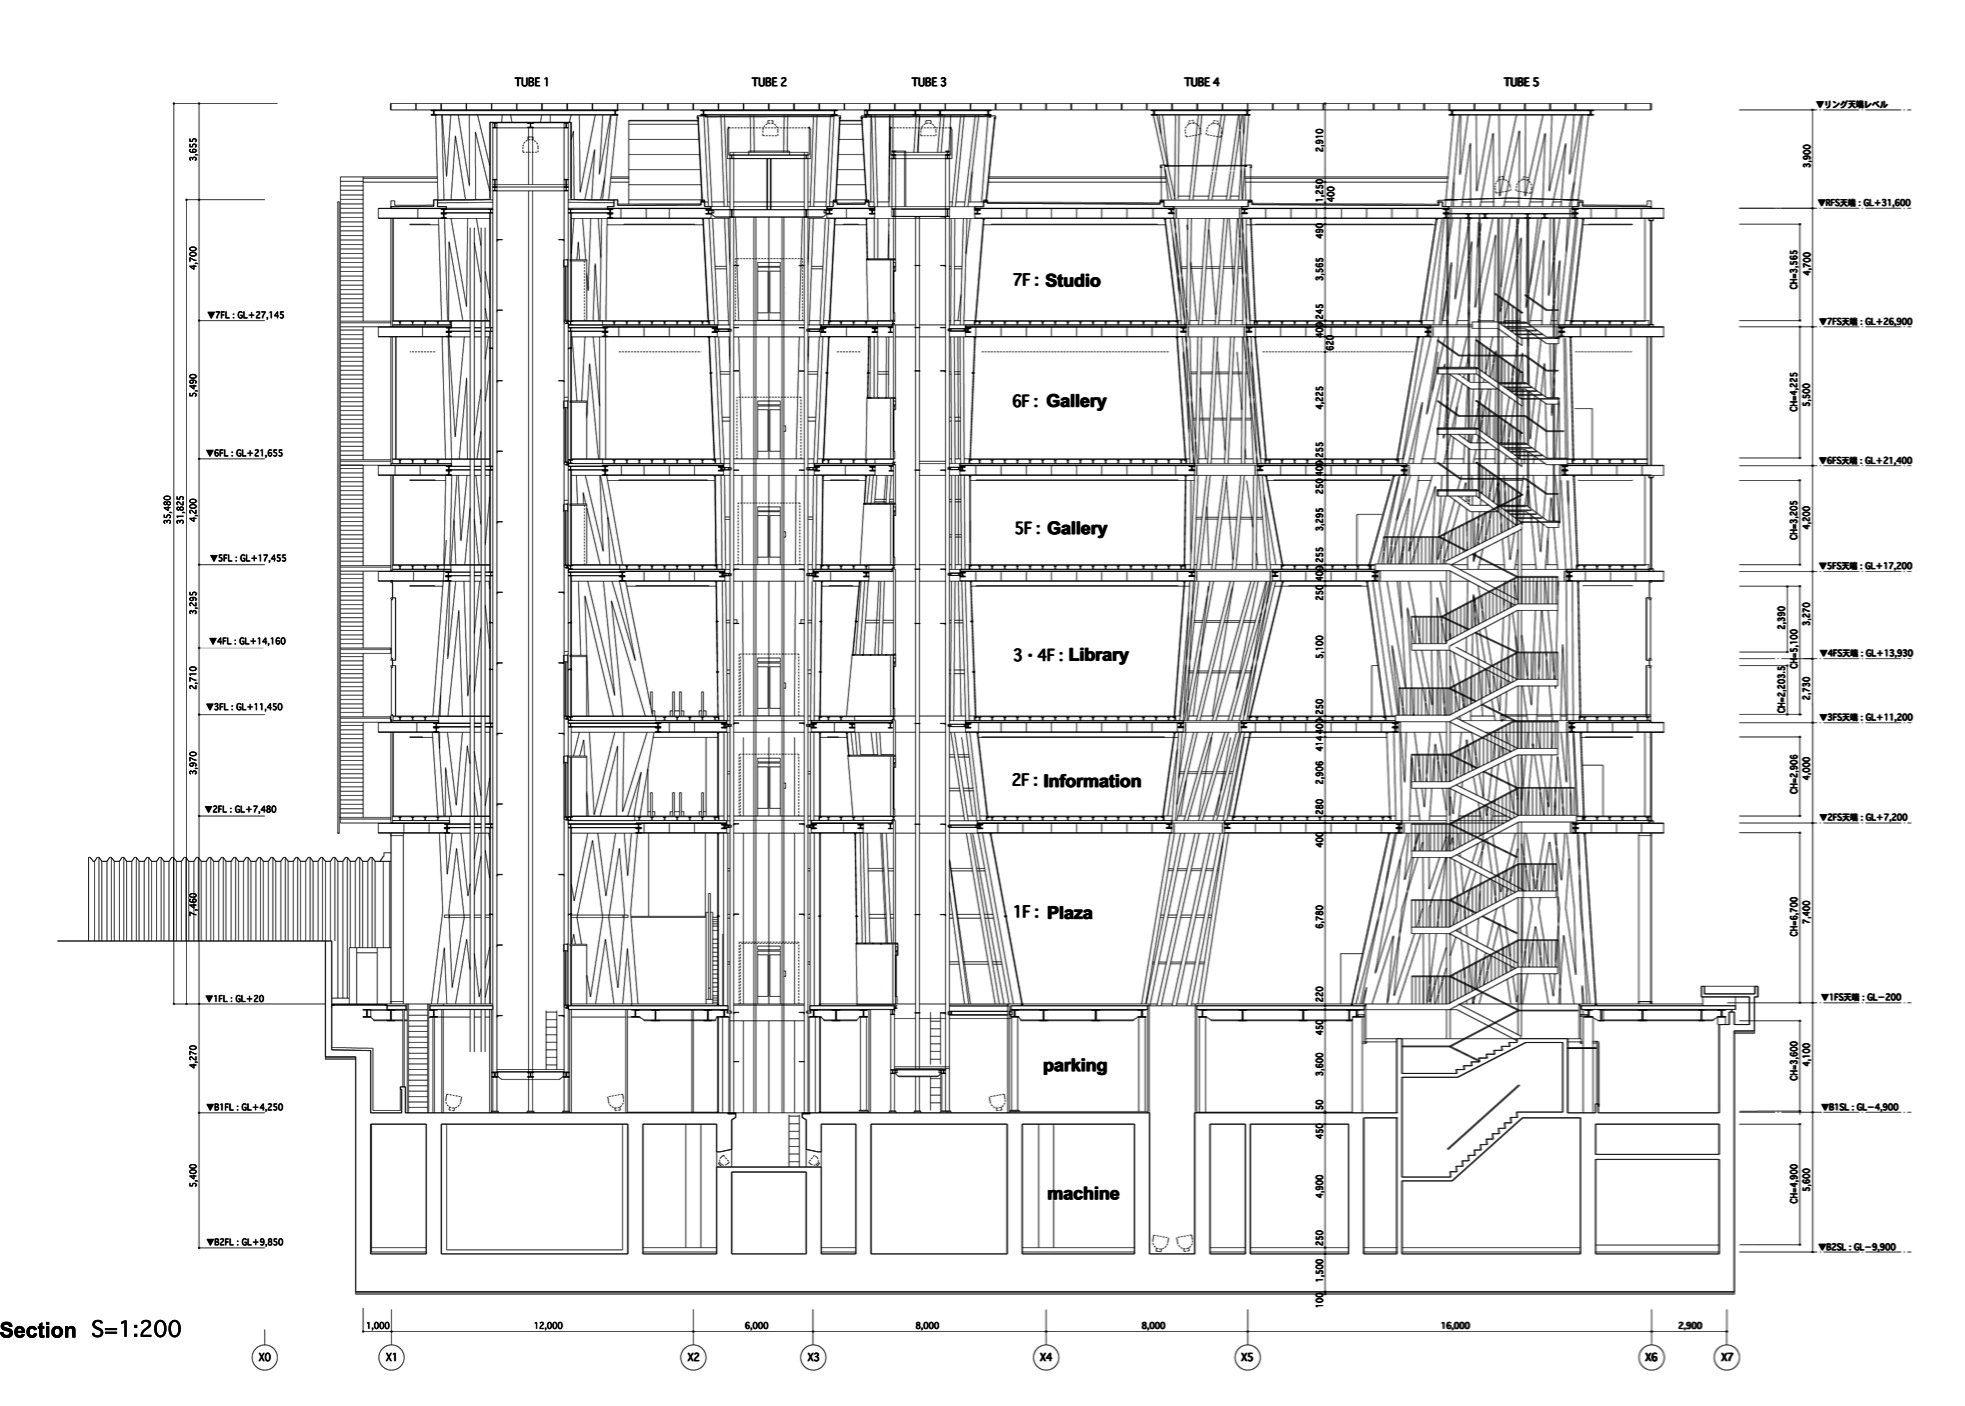 Diagram Sendai Mediatheque Japan